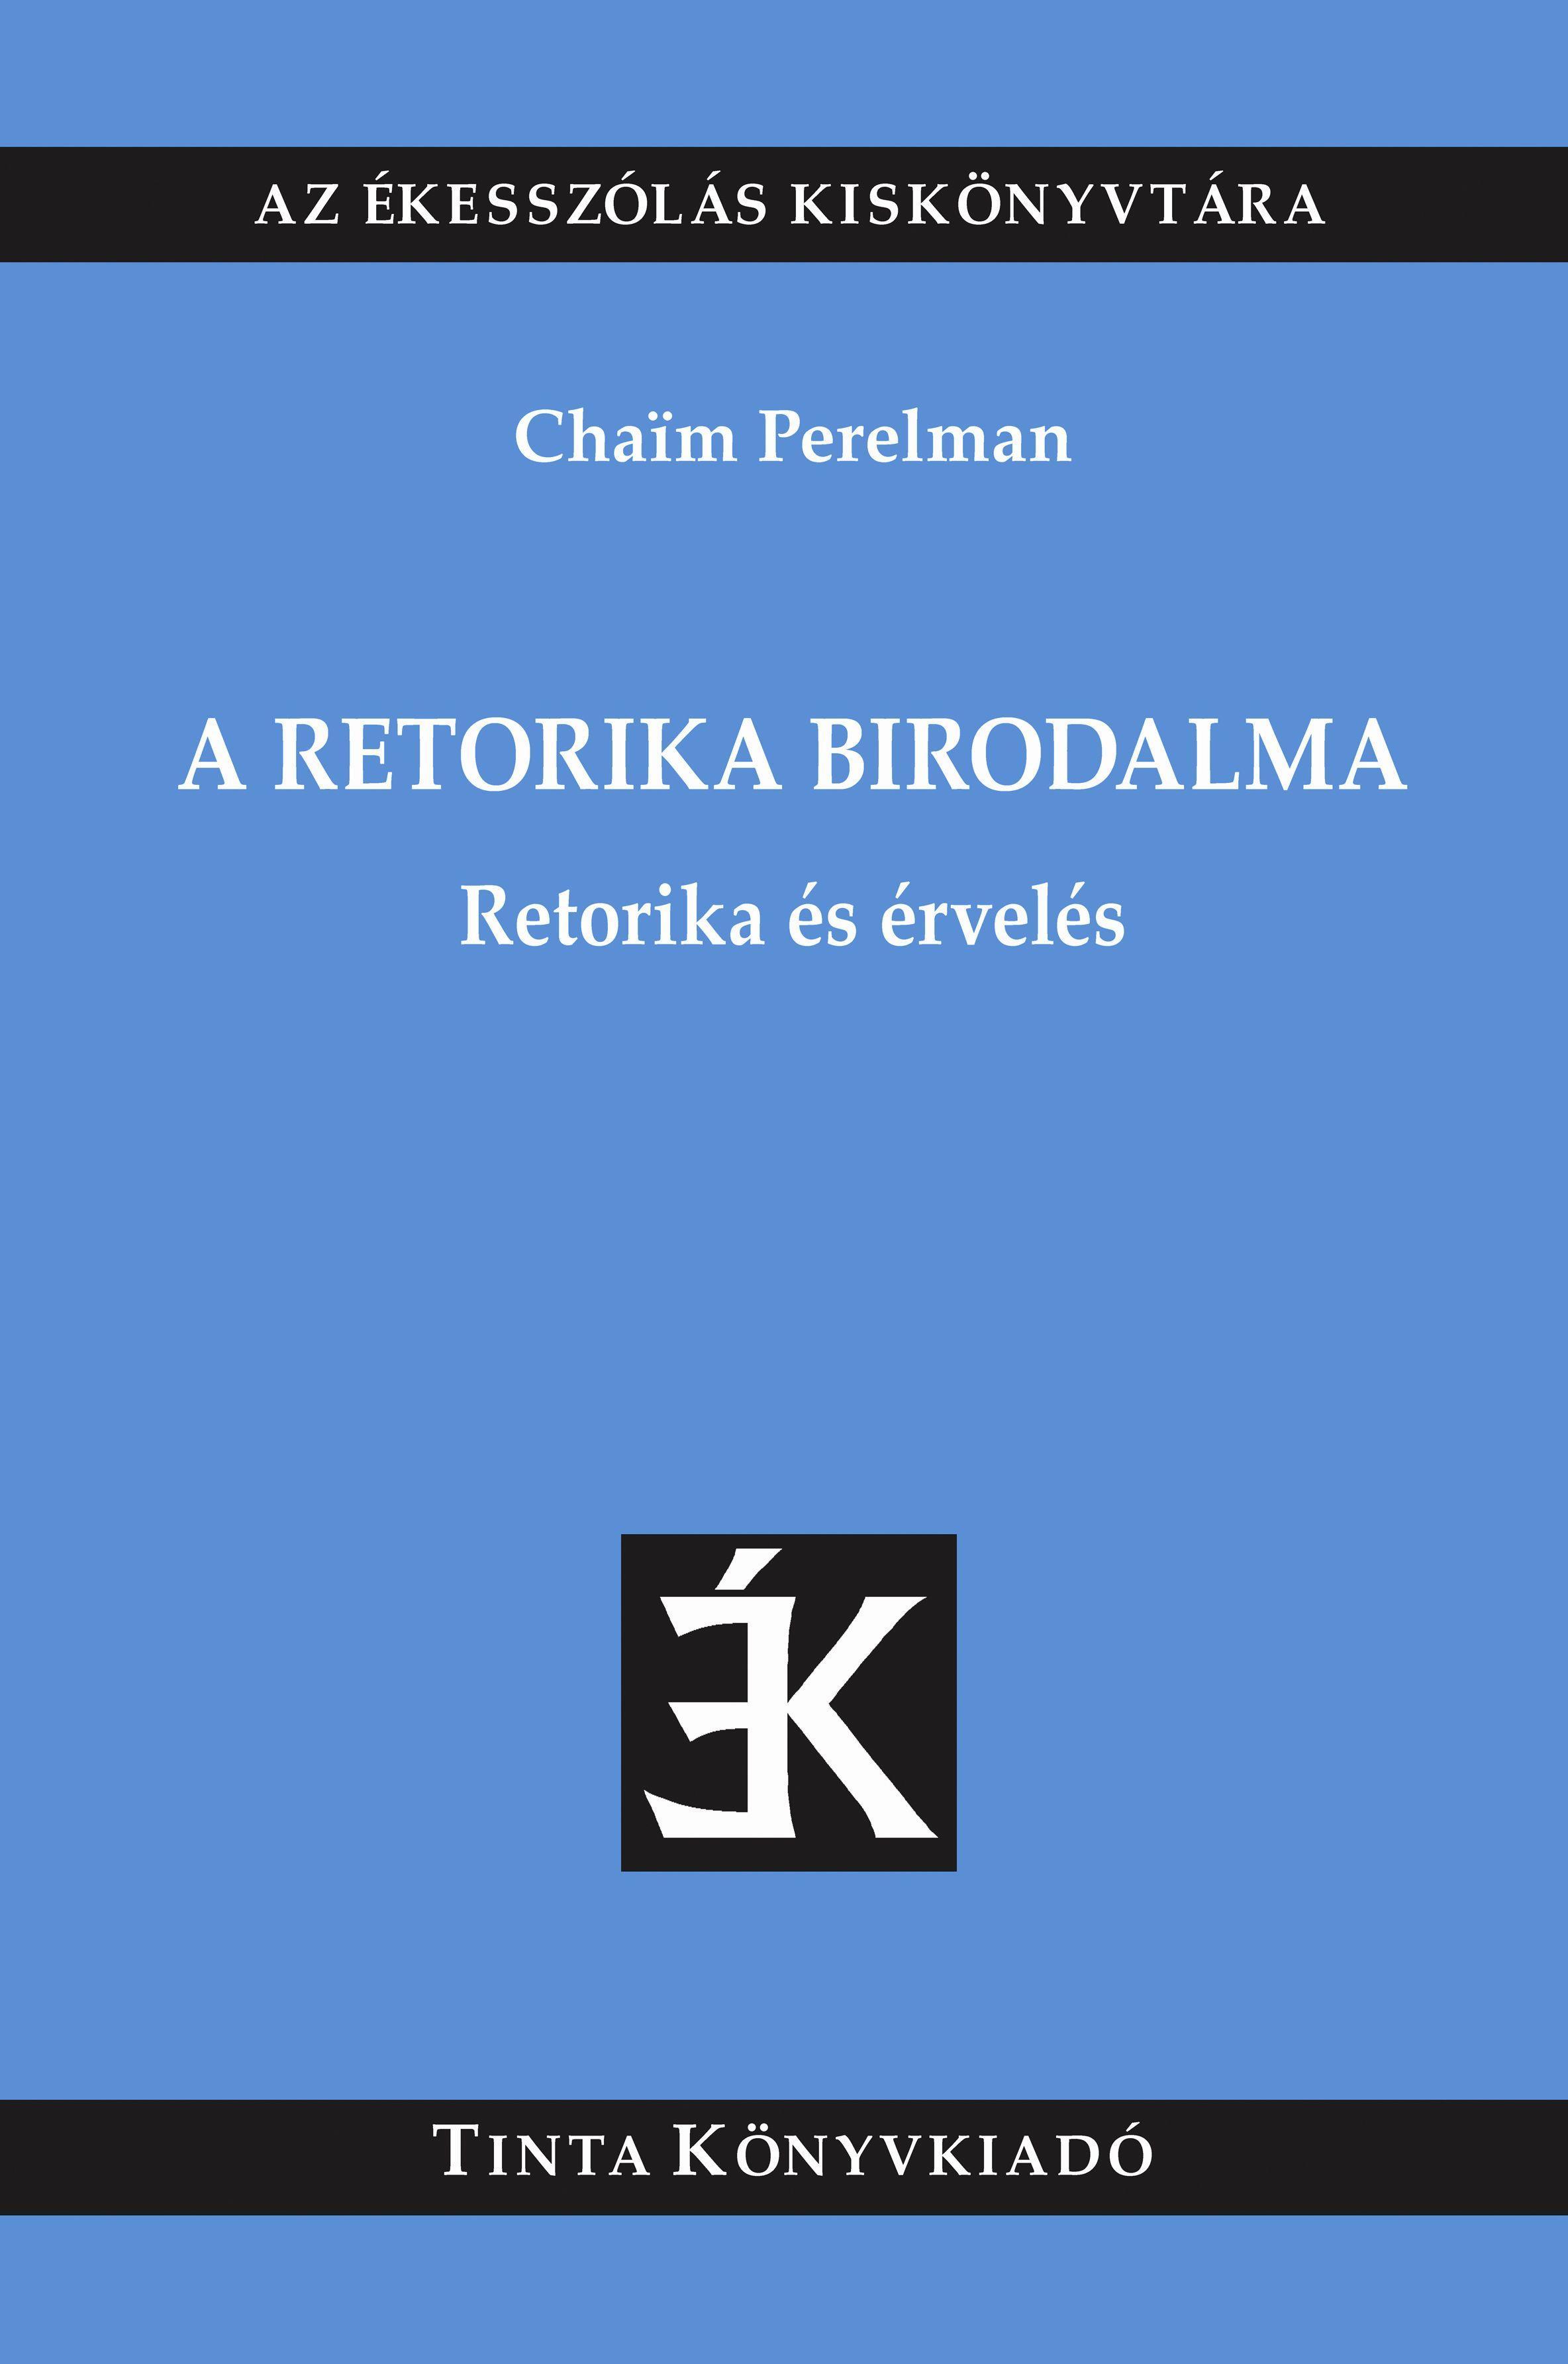 PERELMAN, CHAIM - A RETORIKA BIRODALMA - RETORIKA ÉS ÉRVELÉS